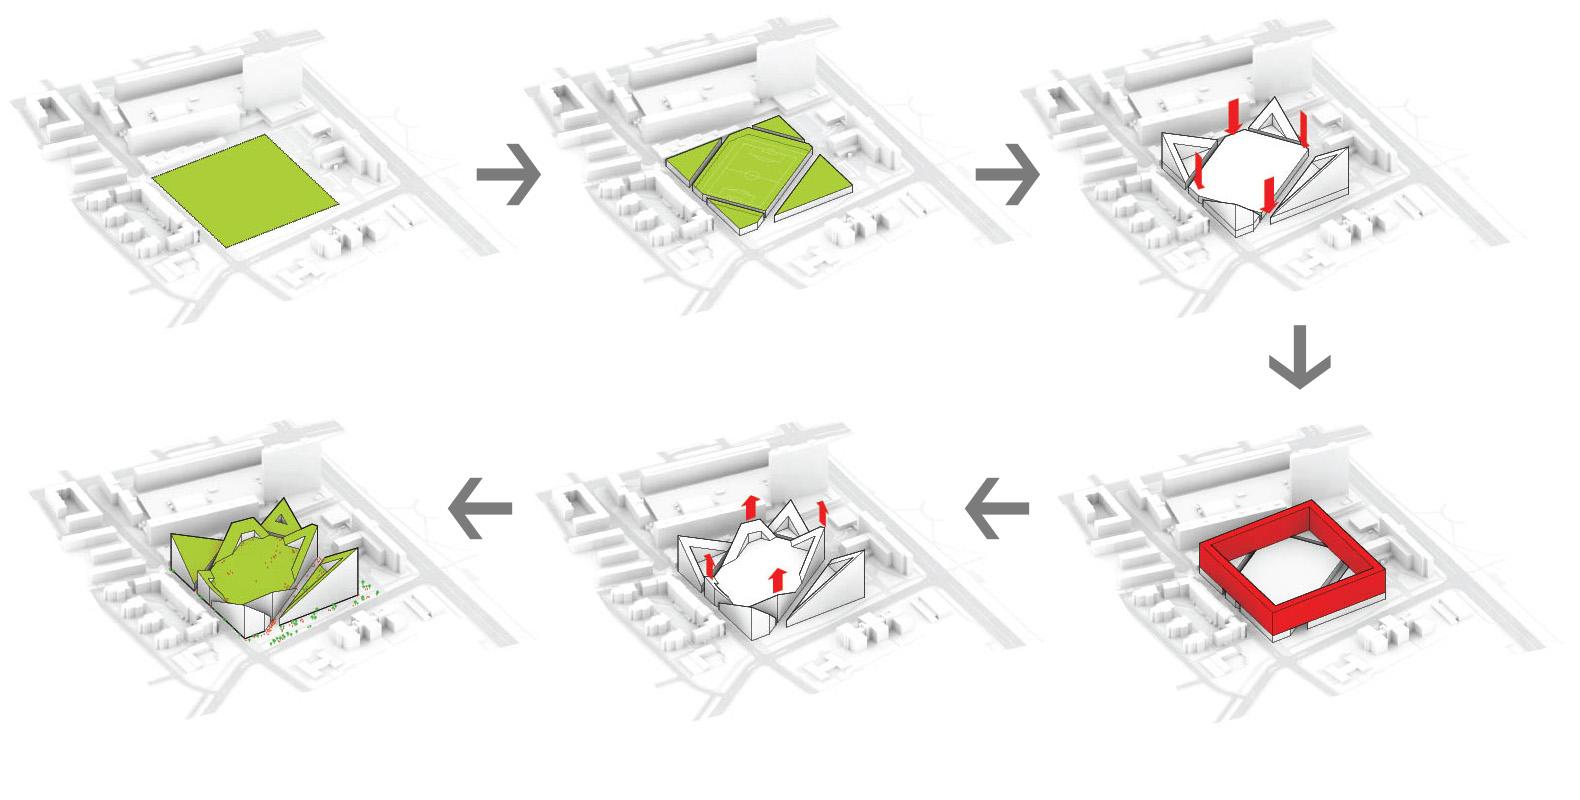 BAC A2 STUDIO: Diagramming Techniques